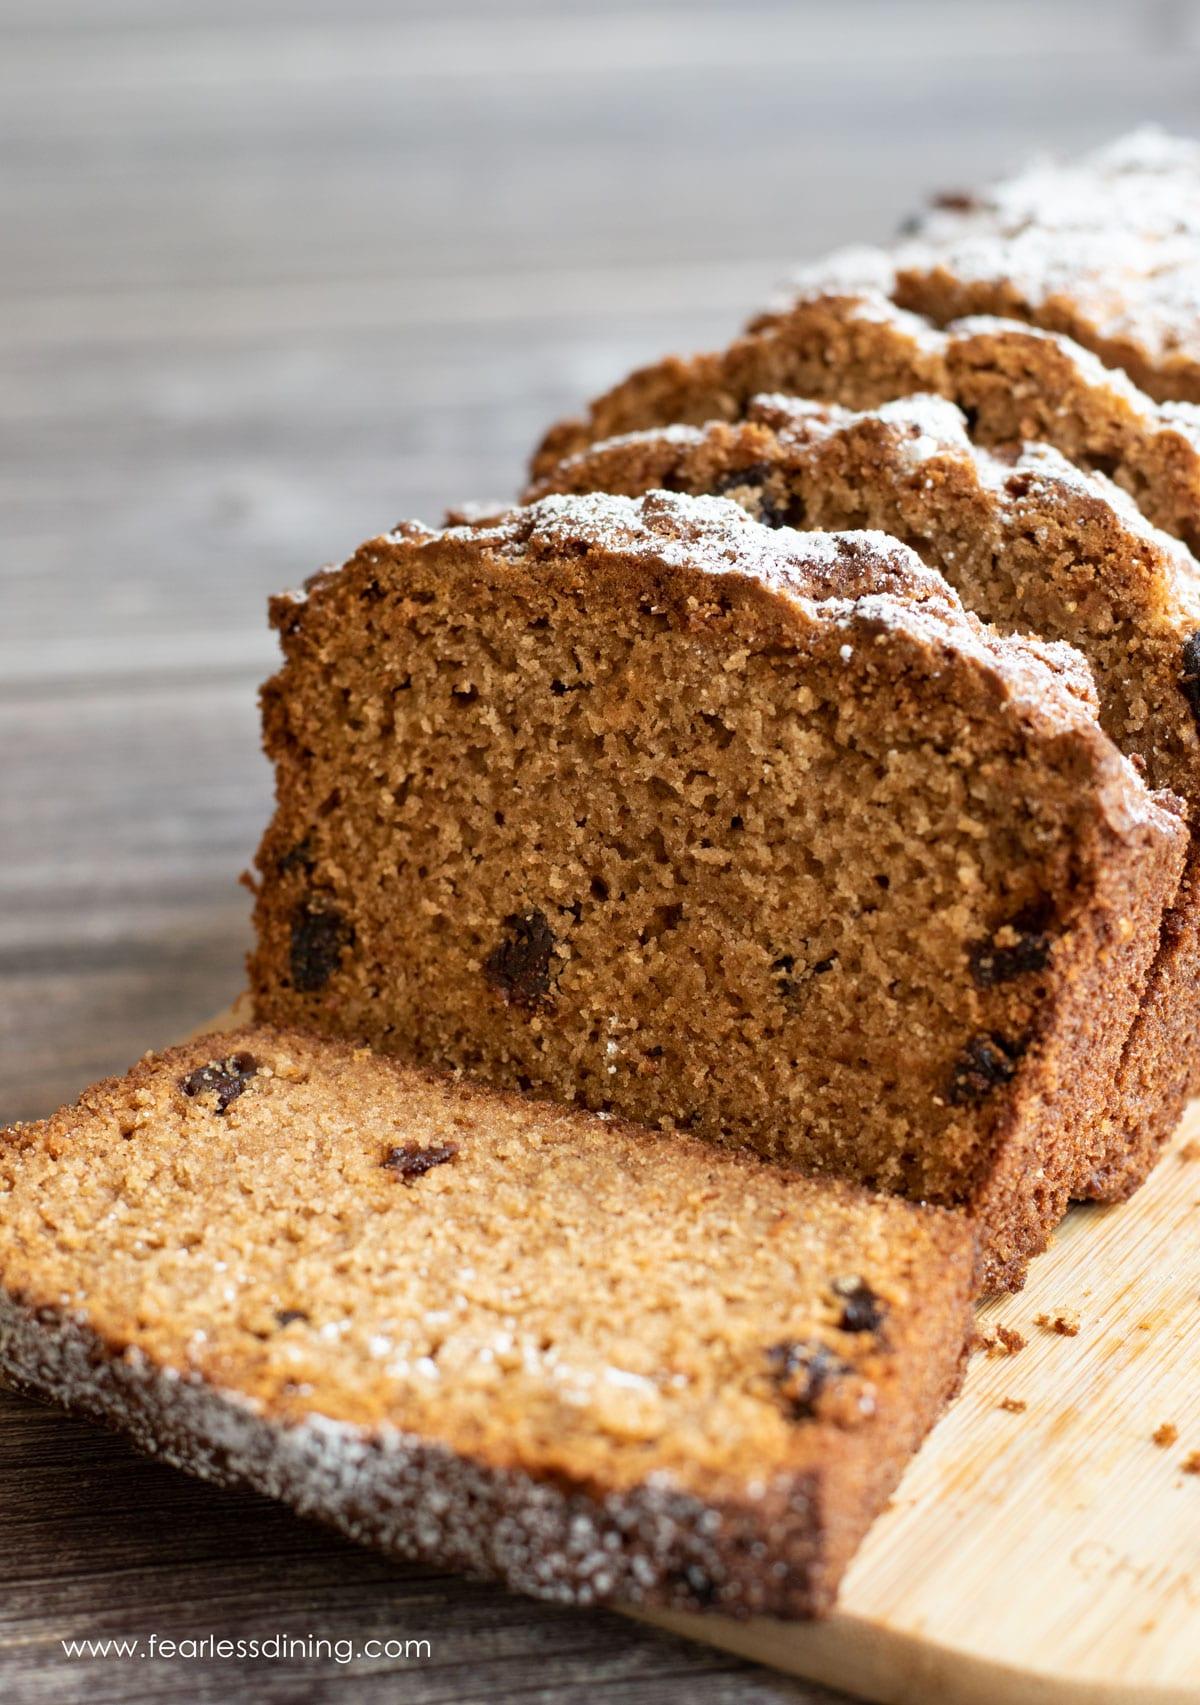 a sliced loaf of spice cake